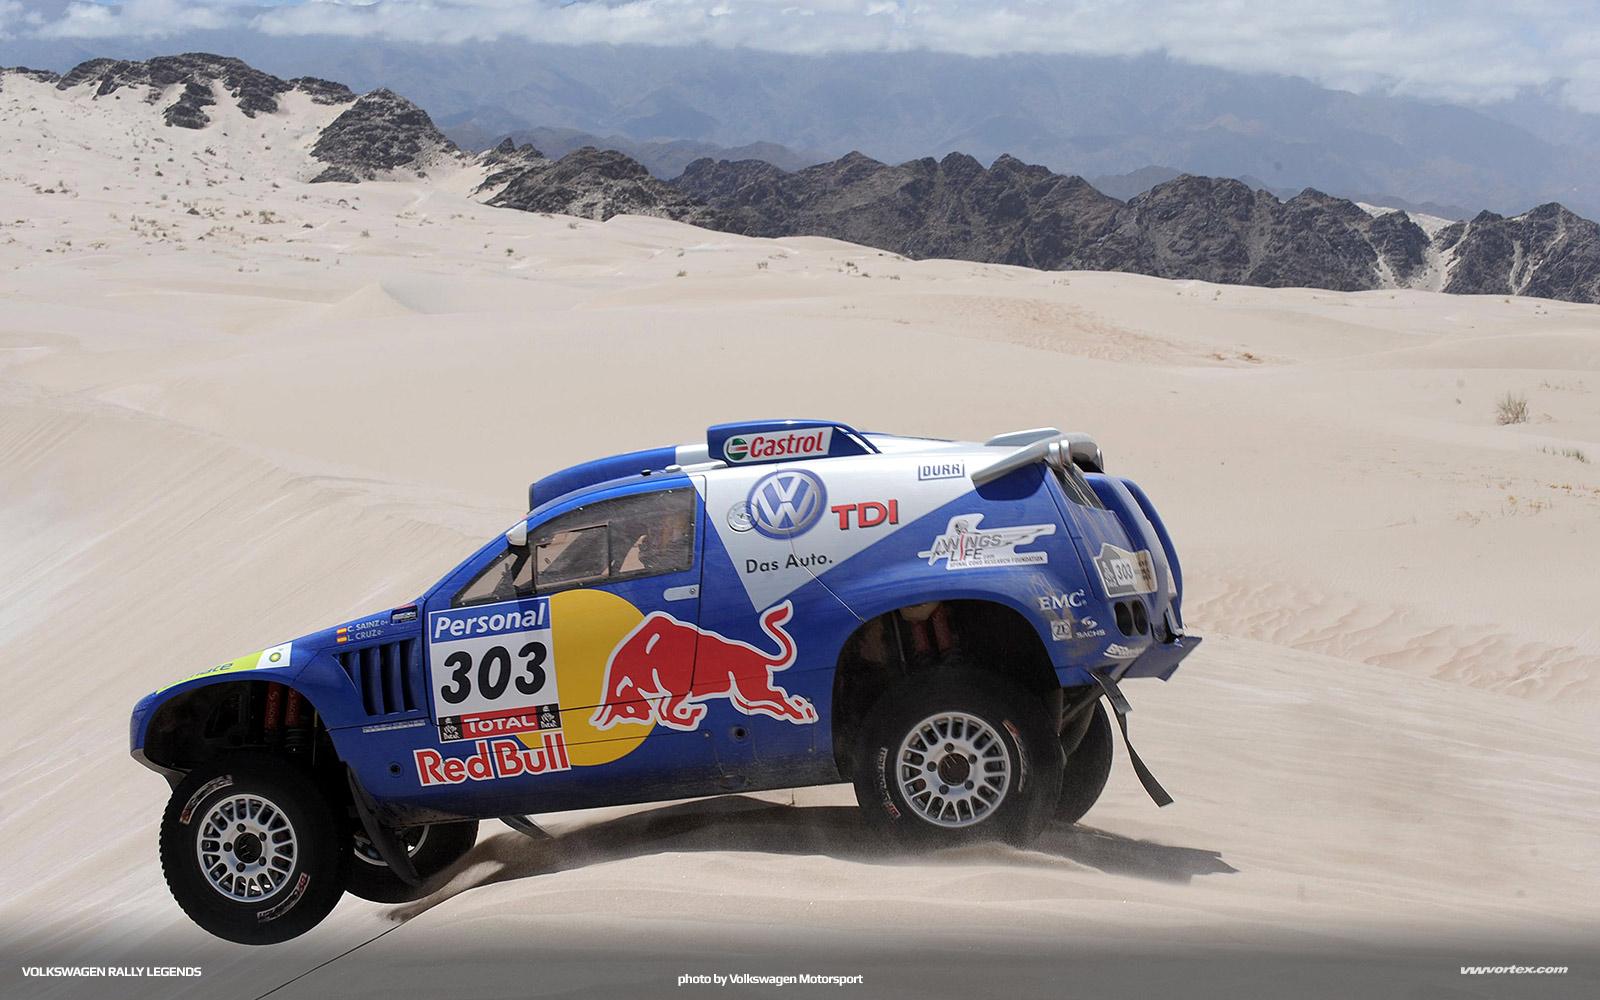 volkswagen-rally-legends-363